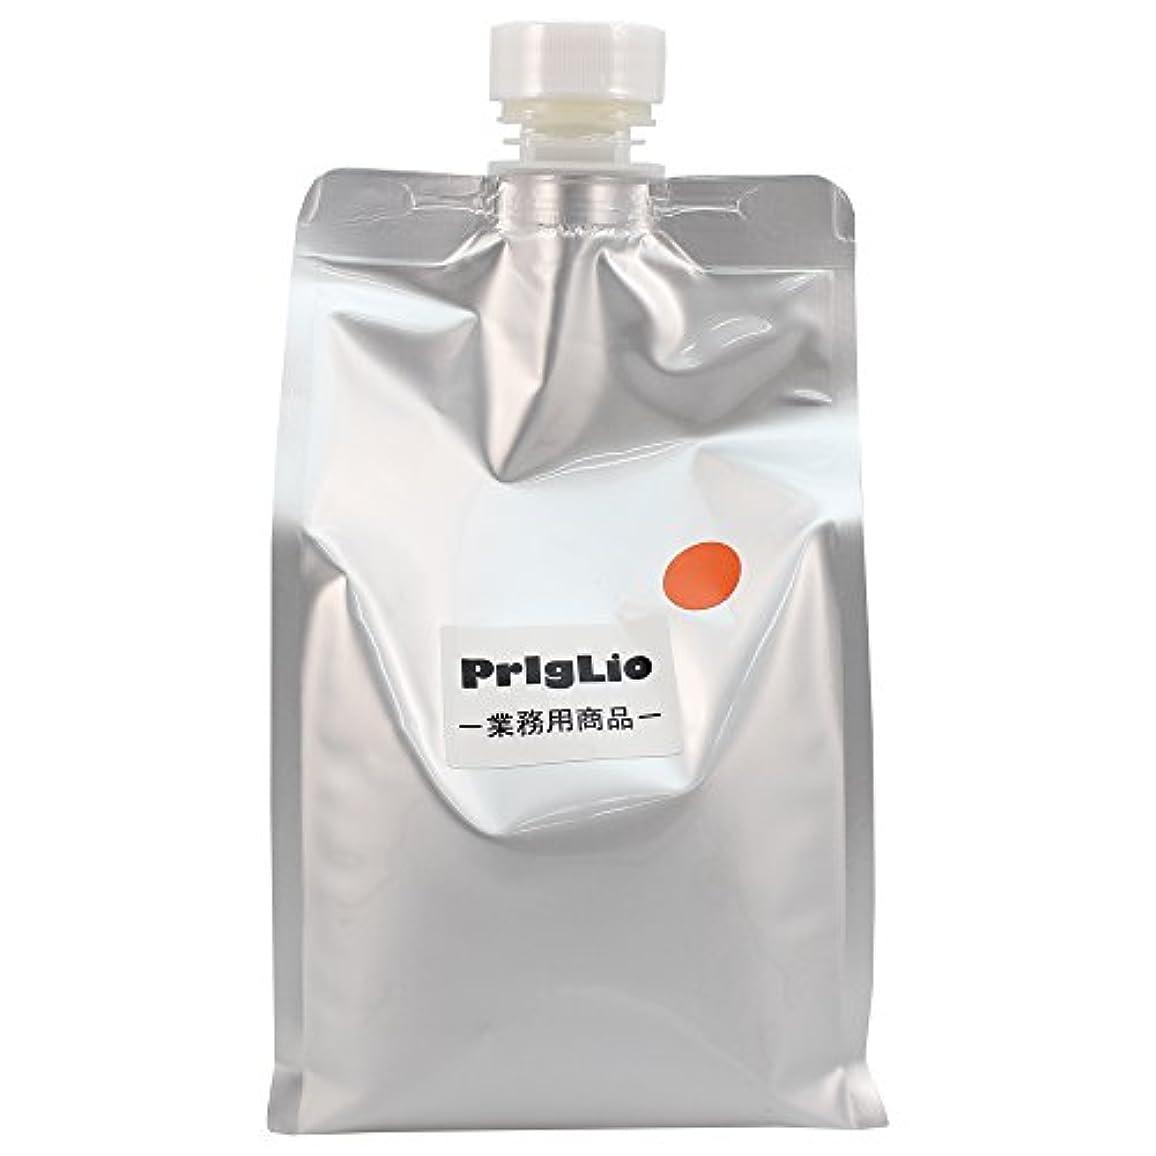 全国ビルマ選ぶプリグリオD ナチュラルハーブシャンプー オレンジ 900ml